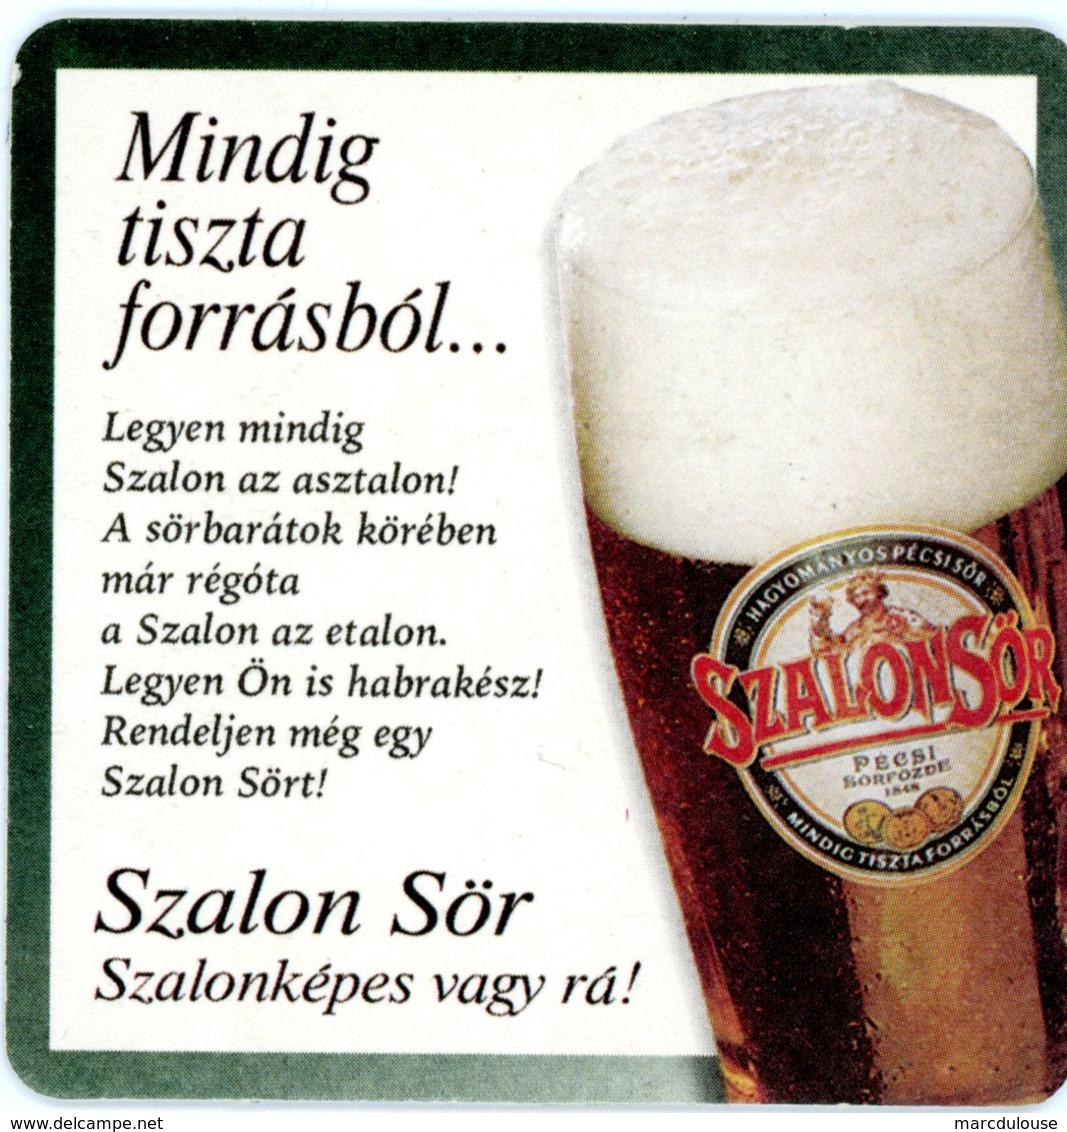 Hungary. Szalonsör. Pécsi Sörfözde. 1848. Mindig Tiszta Forrasbol... Szalon Sör. Szalonképes Vagy Ra! Magyar Beer. - Sous-bocks